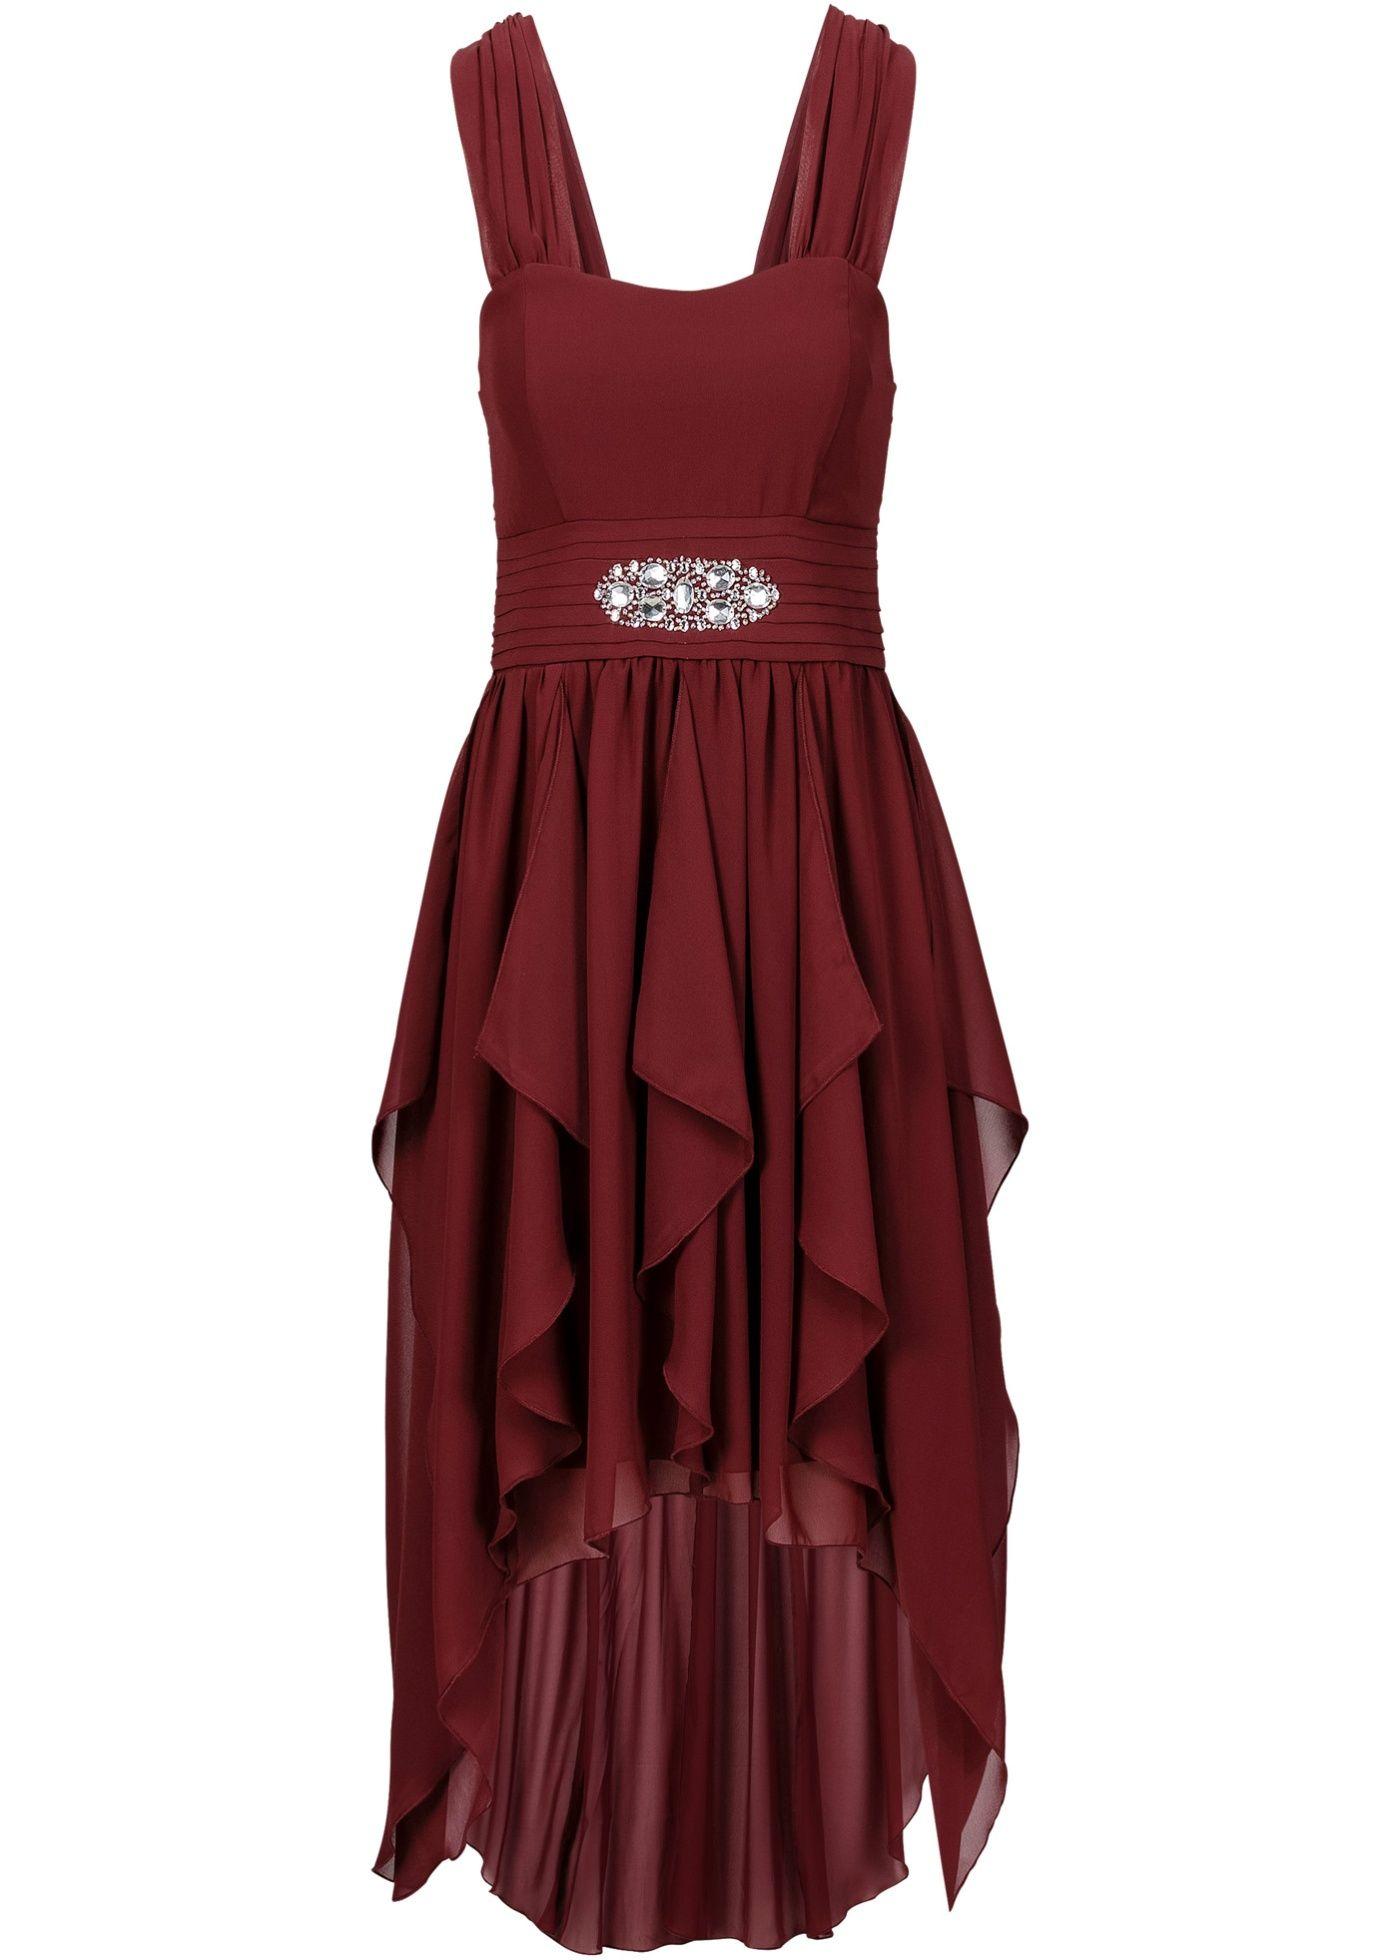 Geschmackvolles Kleid mit Schmucksteinen - ahornrot in 14